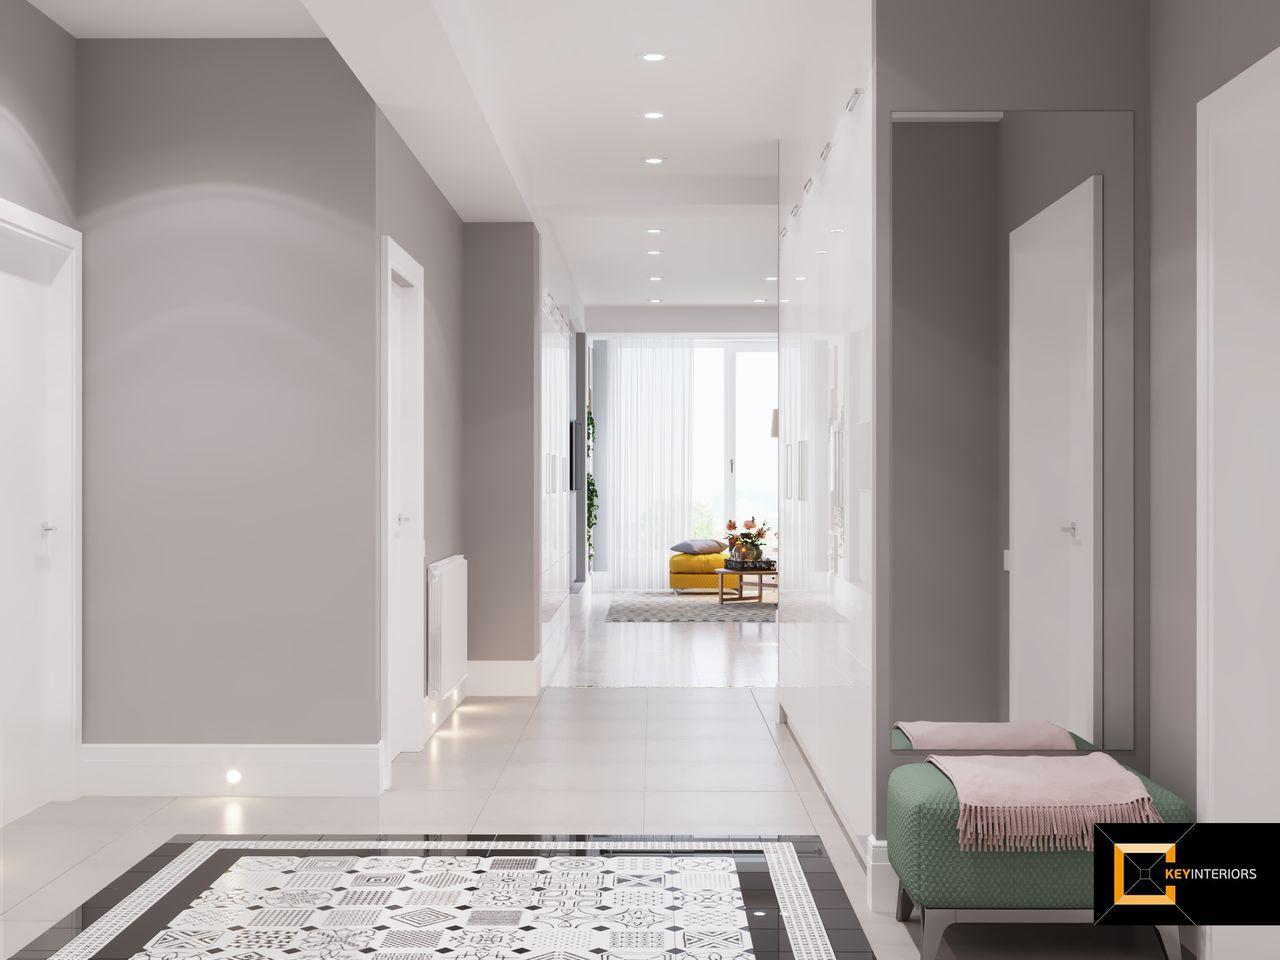 Design interior, open space